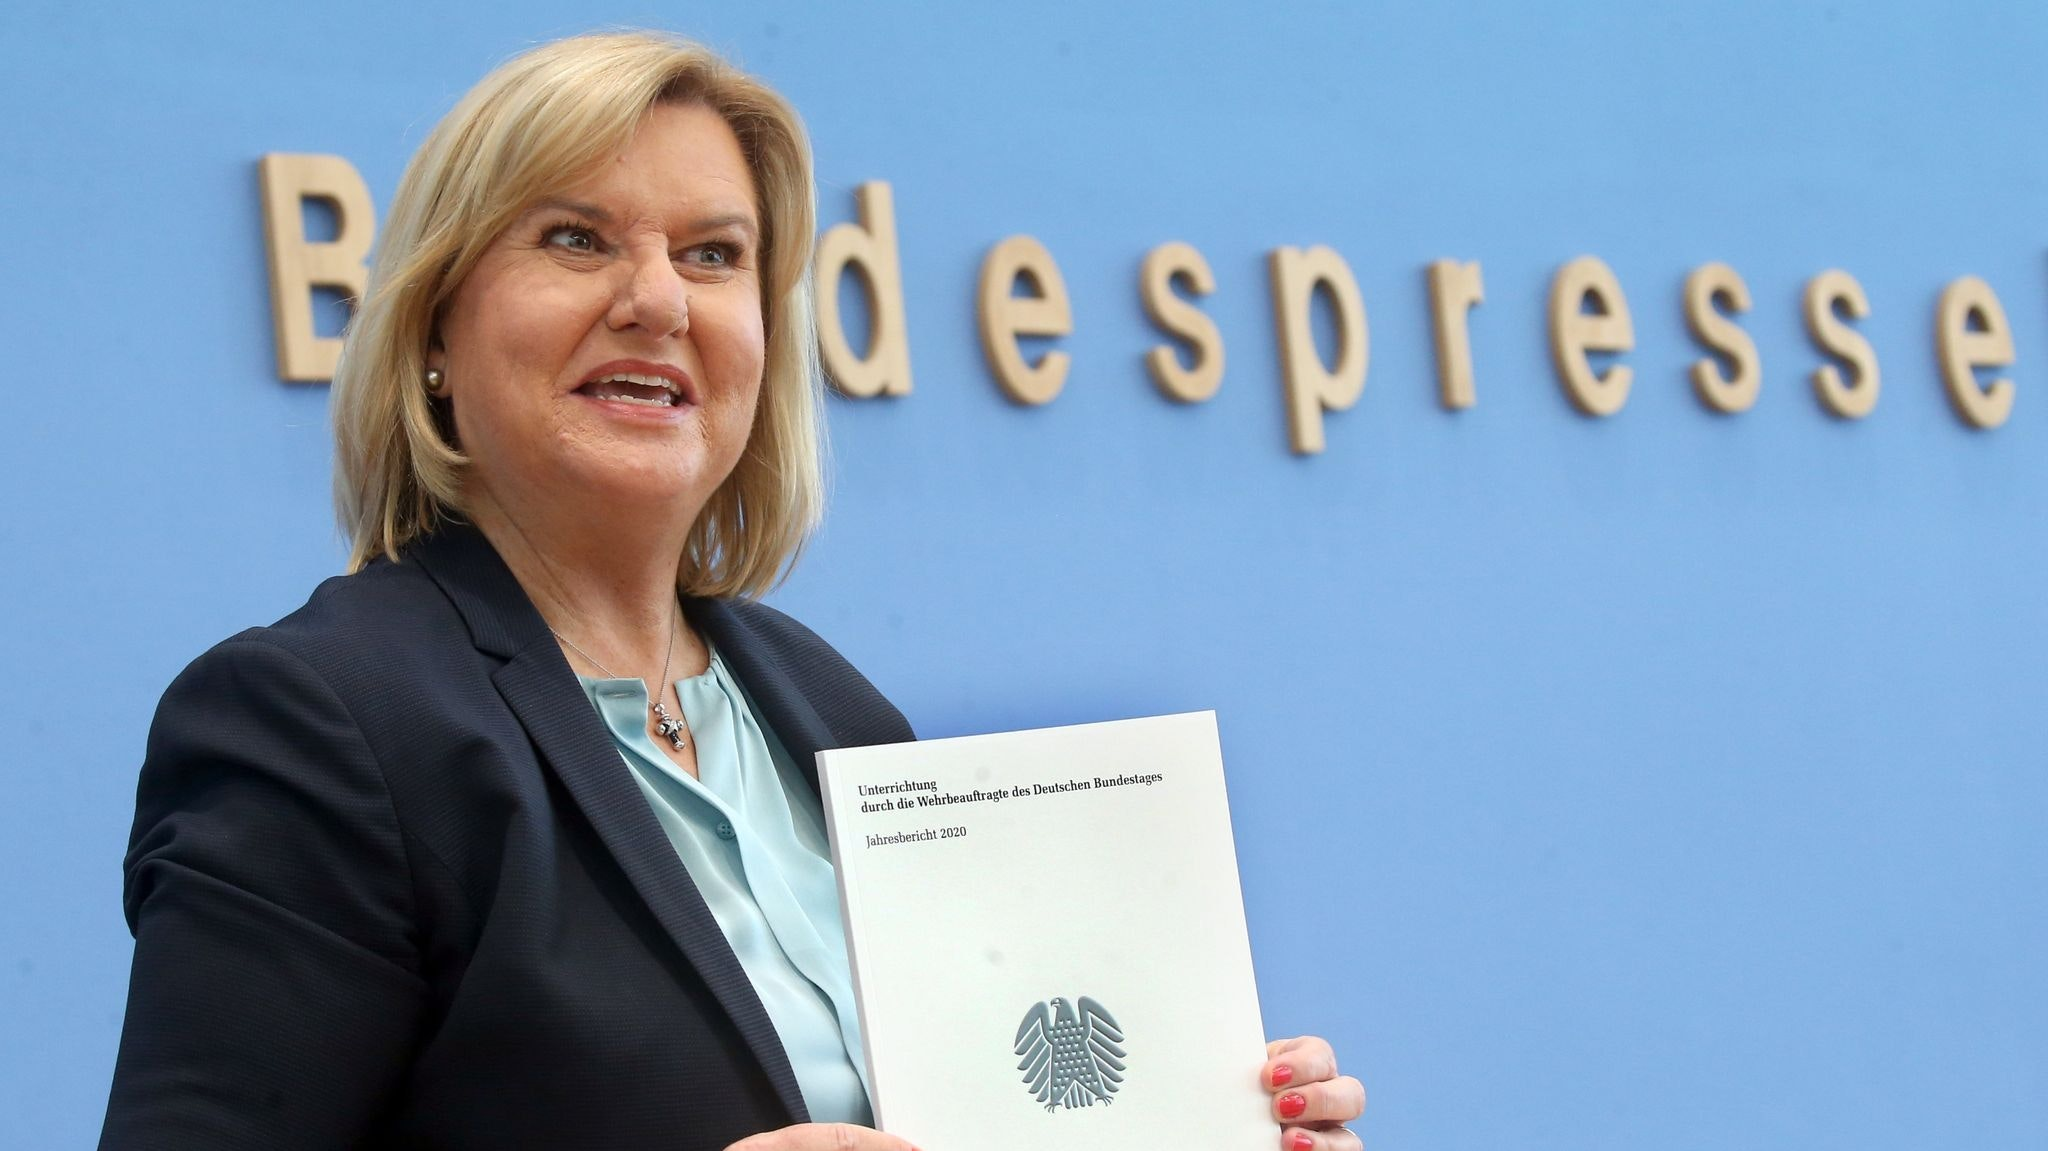 Eva Högl, Wehrbeauftragte des Bundestags, hat auf der Bundespressekonferenz den ersten Jahresbericht zur Lage der Bundeswehr vorgestellt. Foto: dpa/Kumm